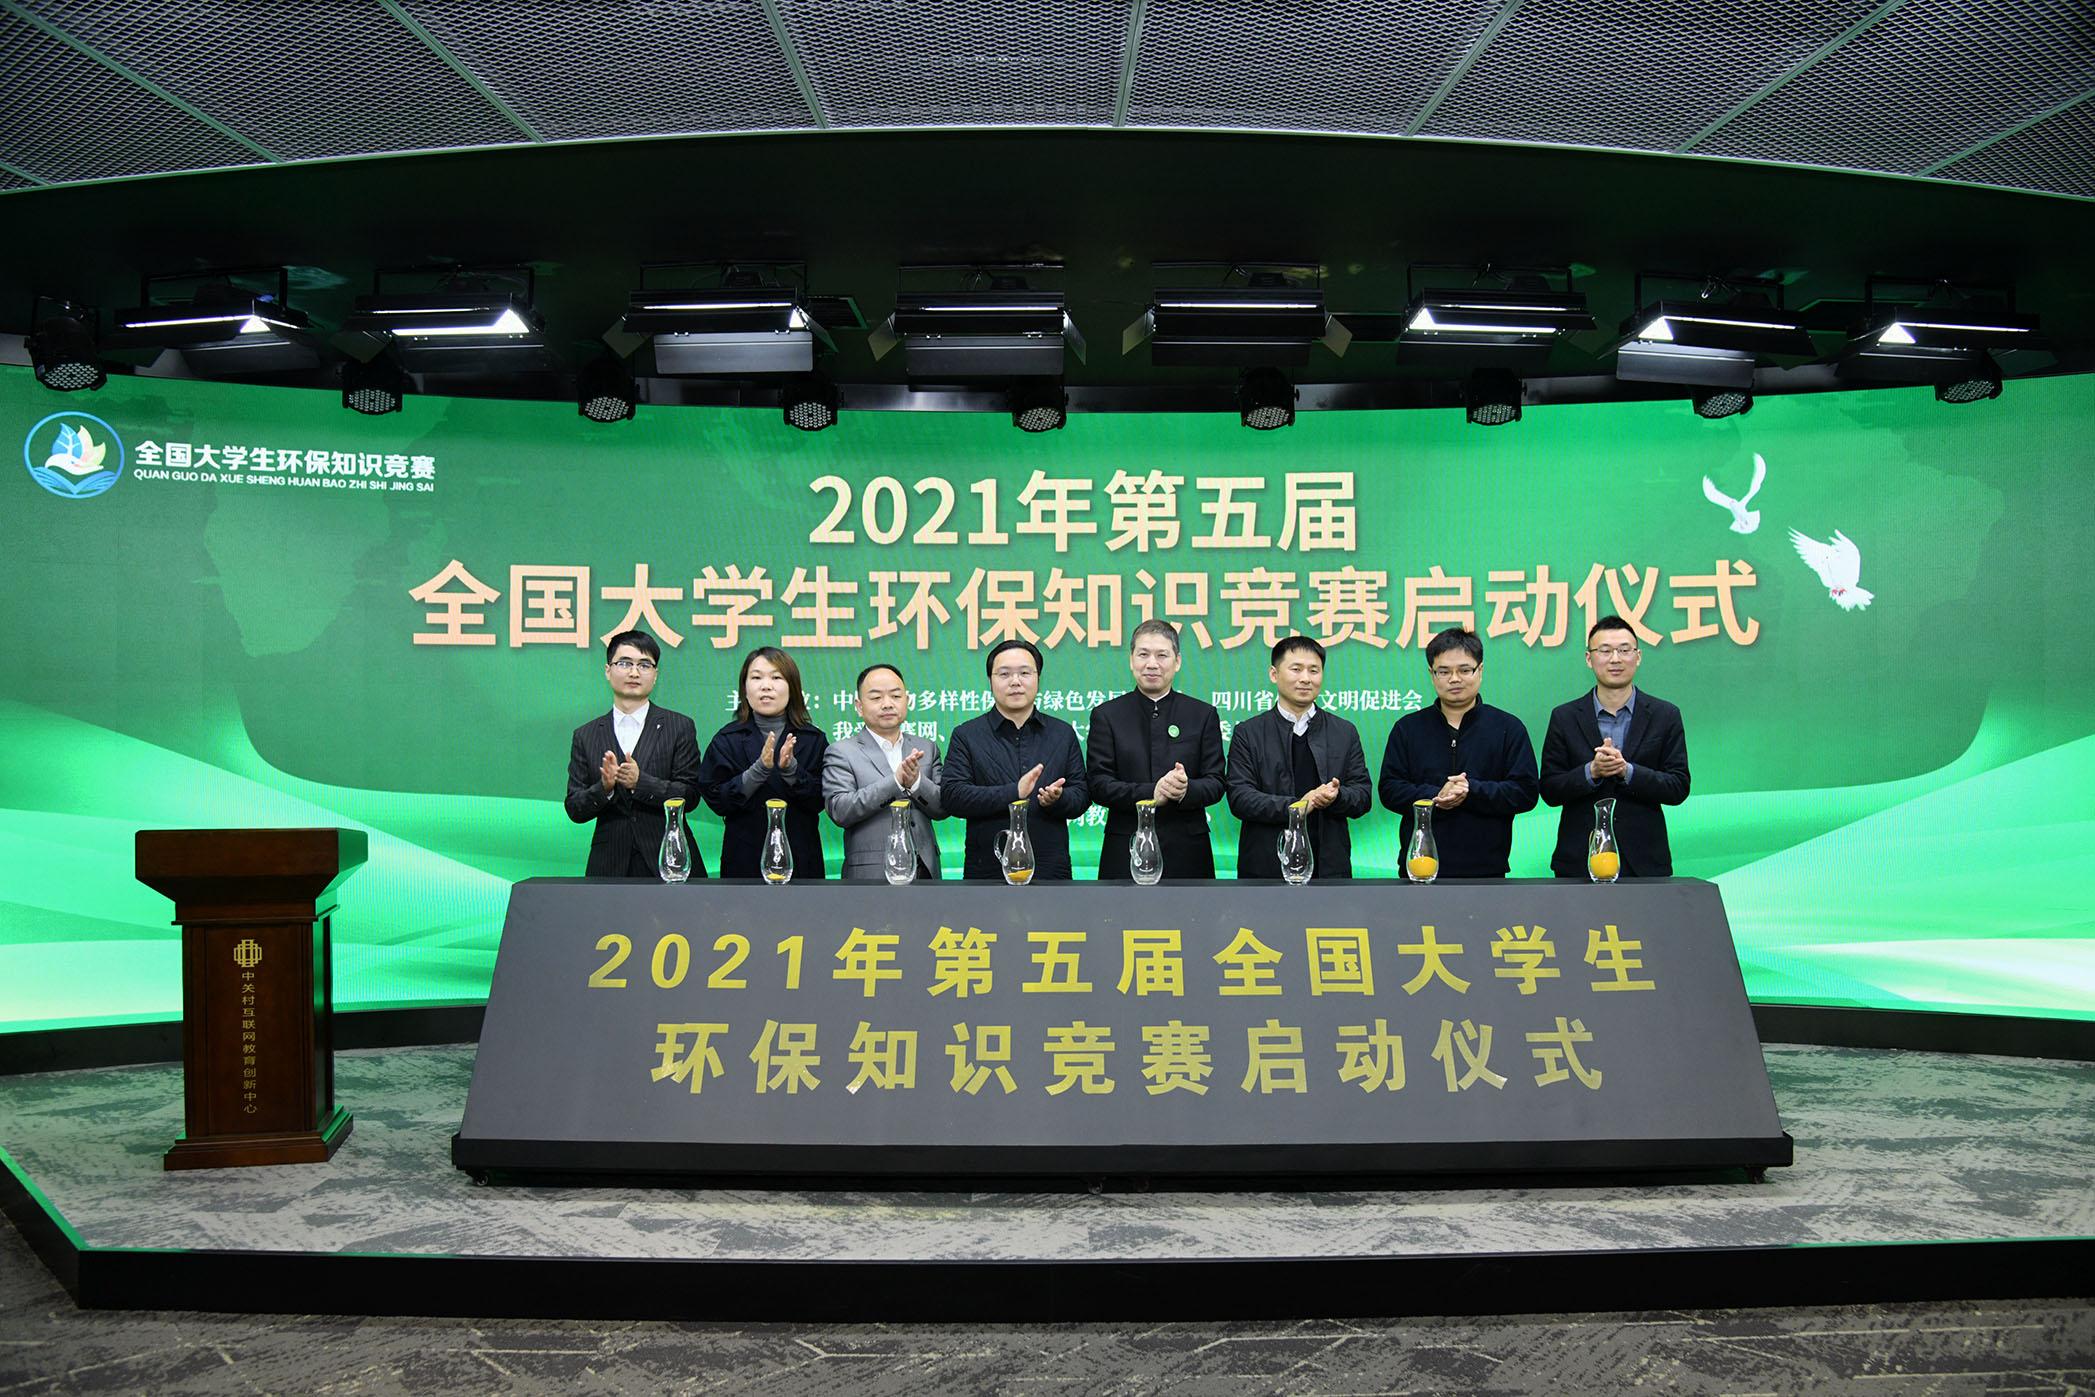 第五届全国大学生环保知识竞赛启动仪式在京举行